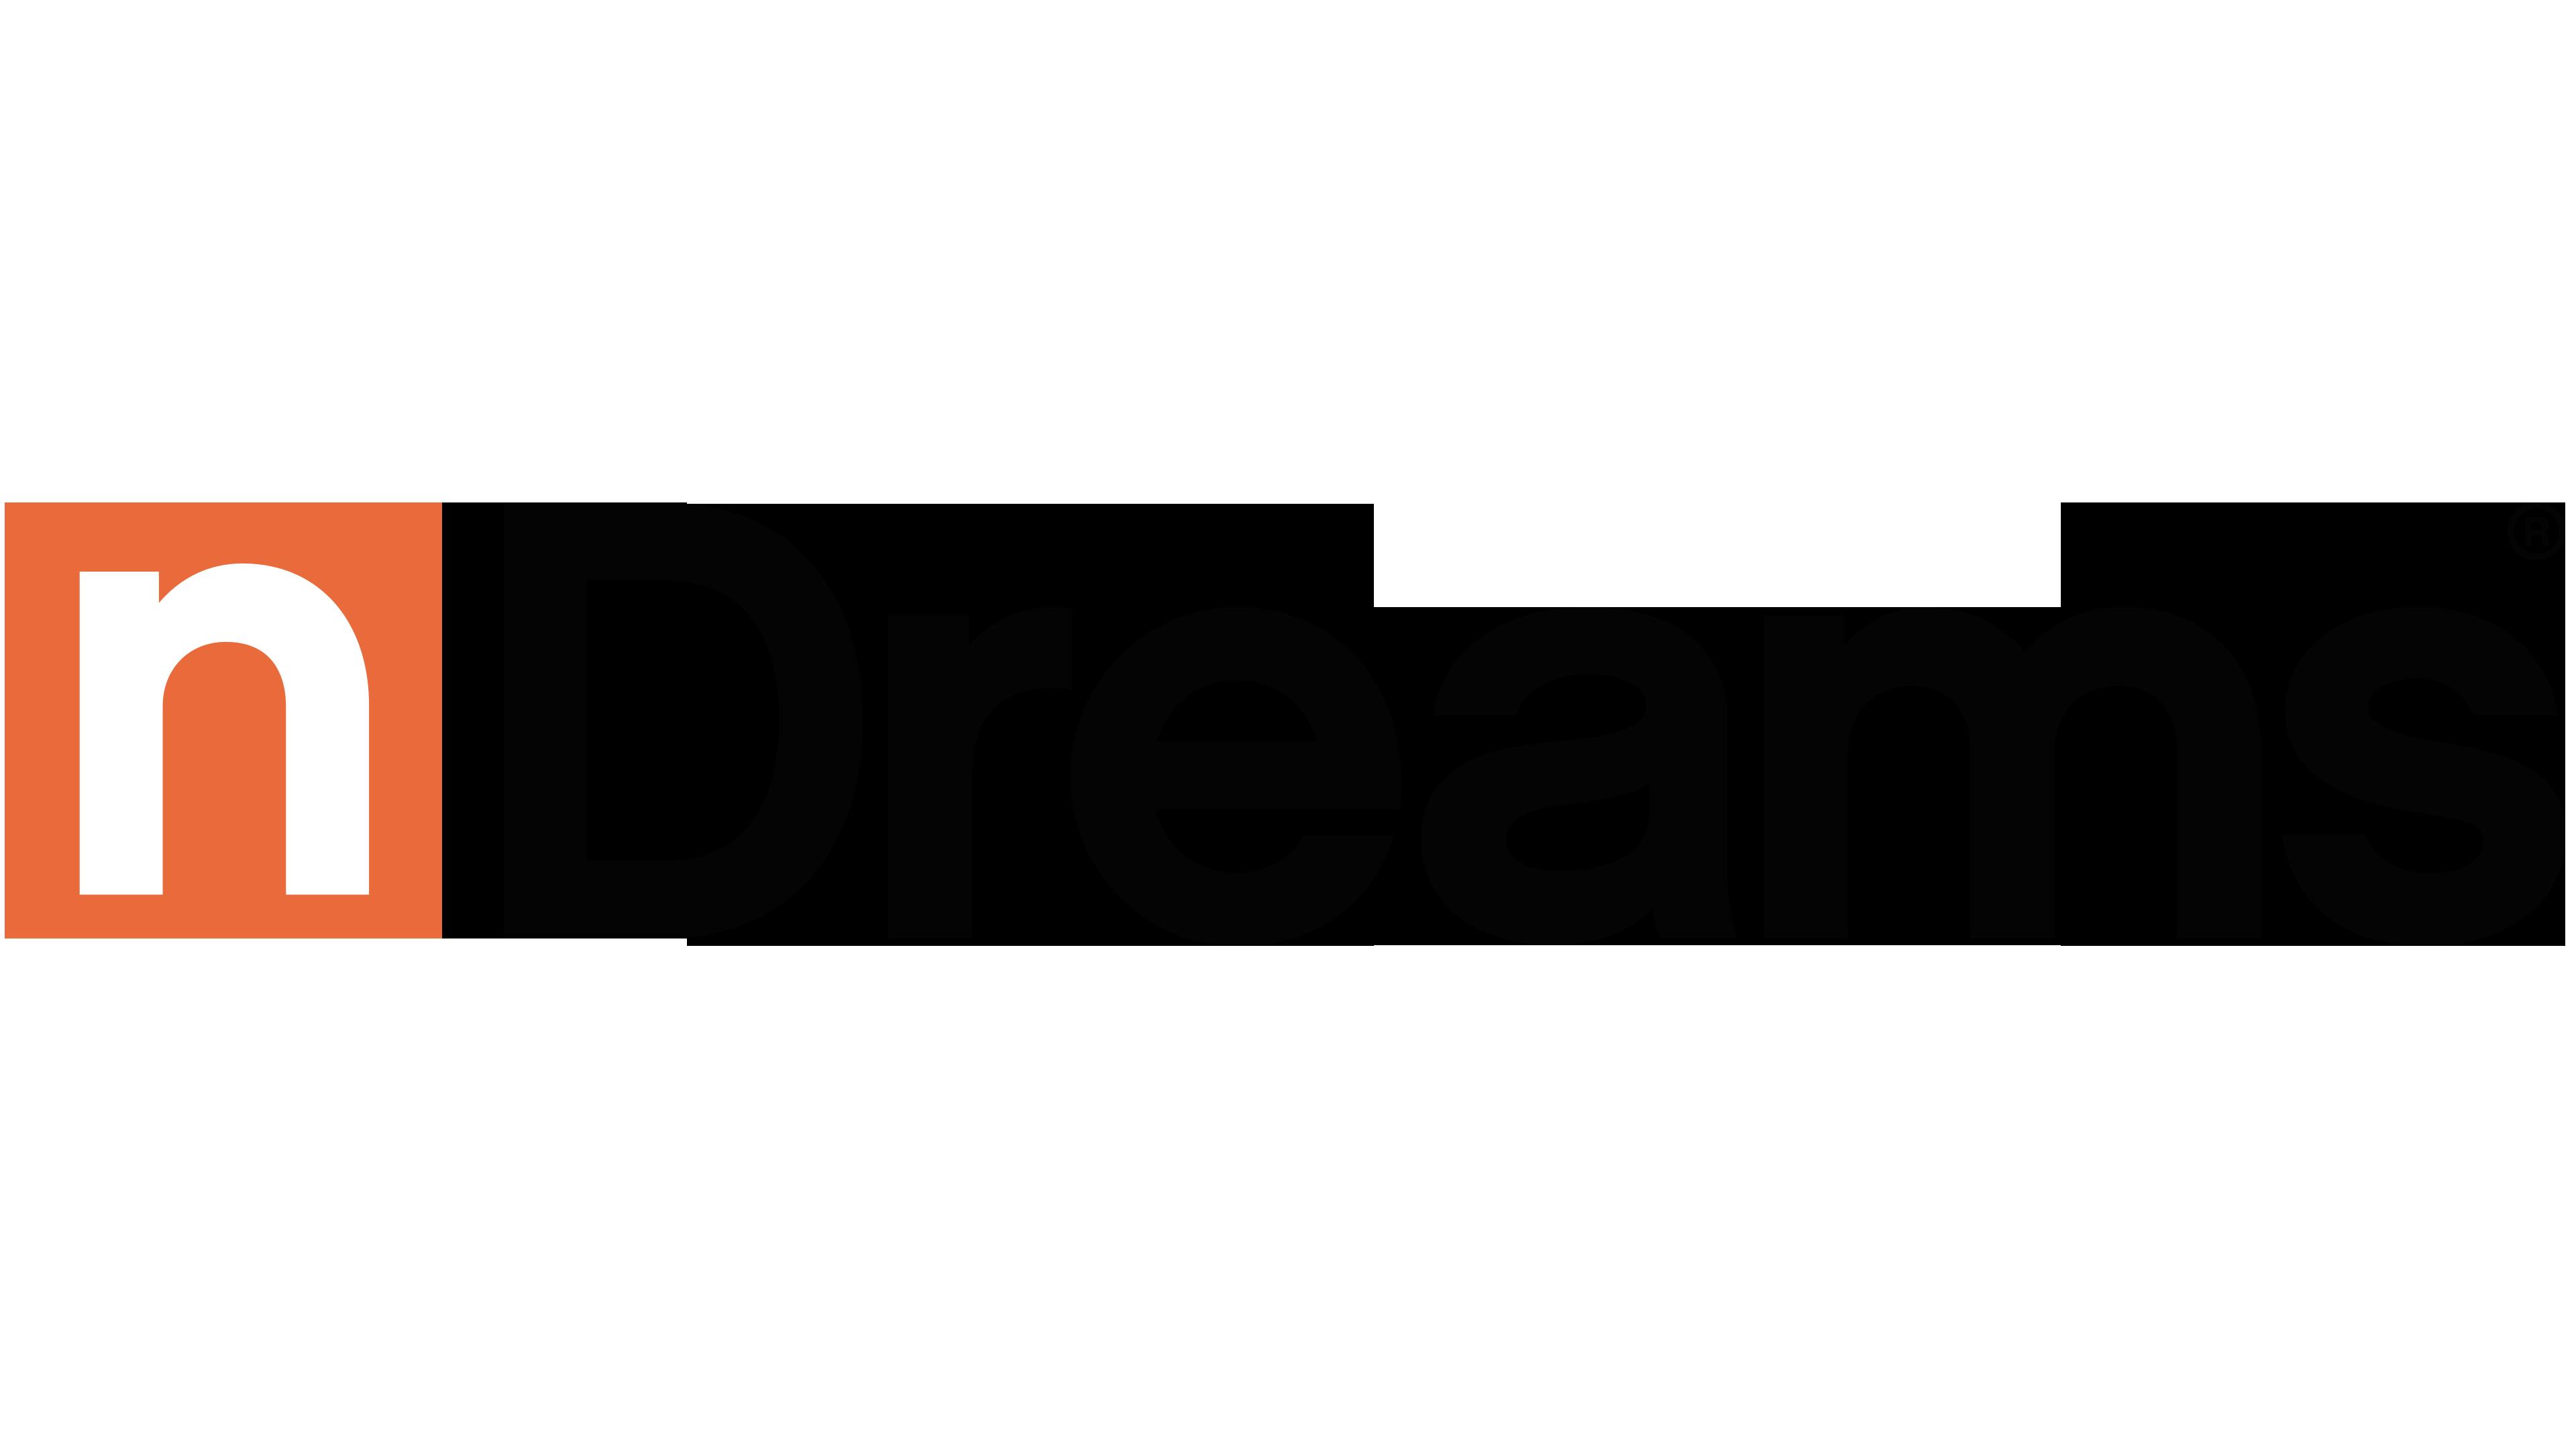 ndreams_logo_large_2015